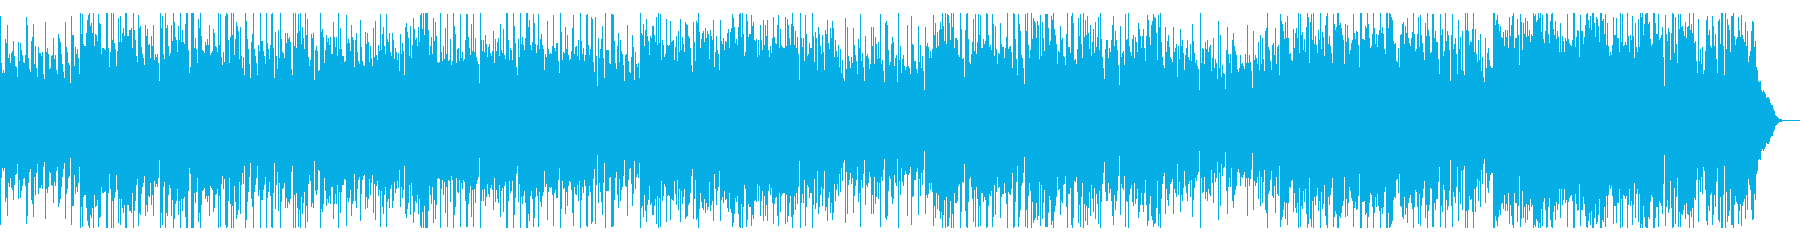 心が浮き立つボサノバの再生済みの波形